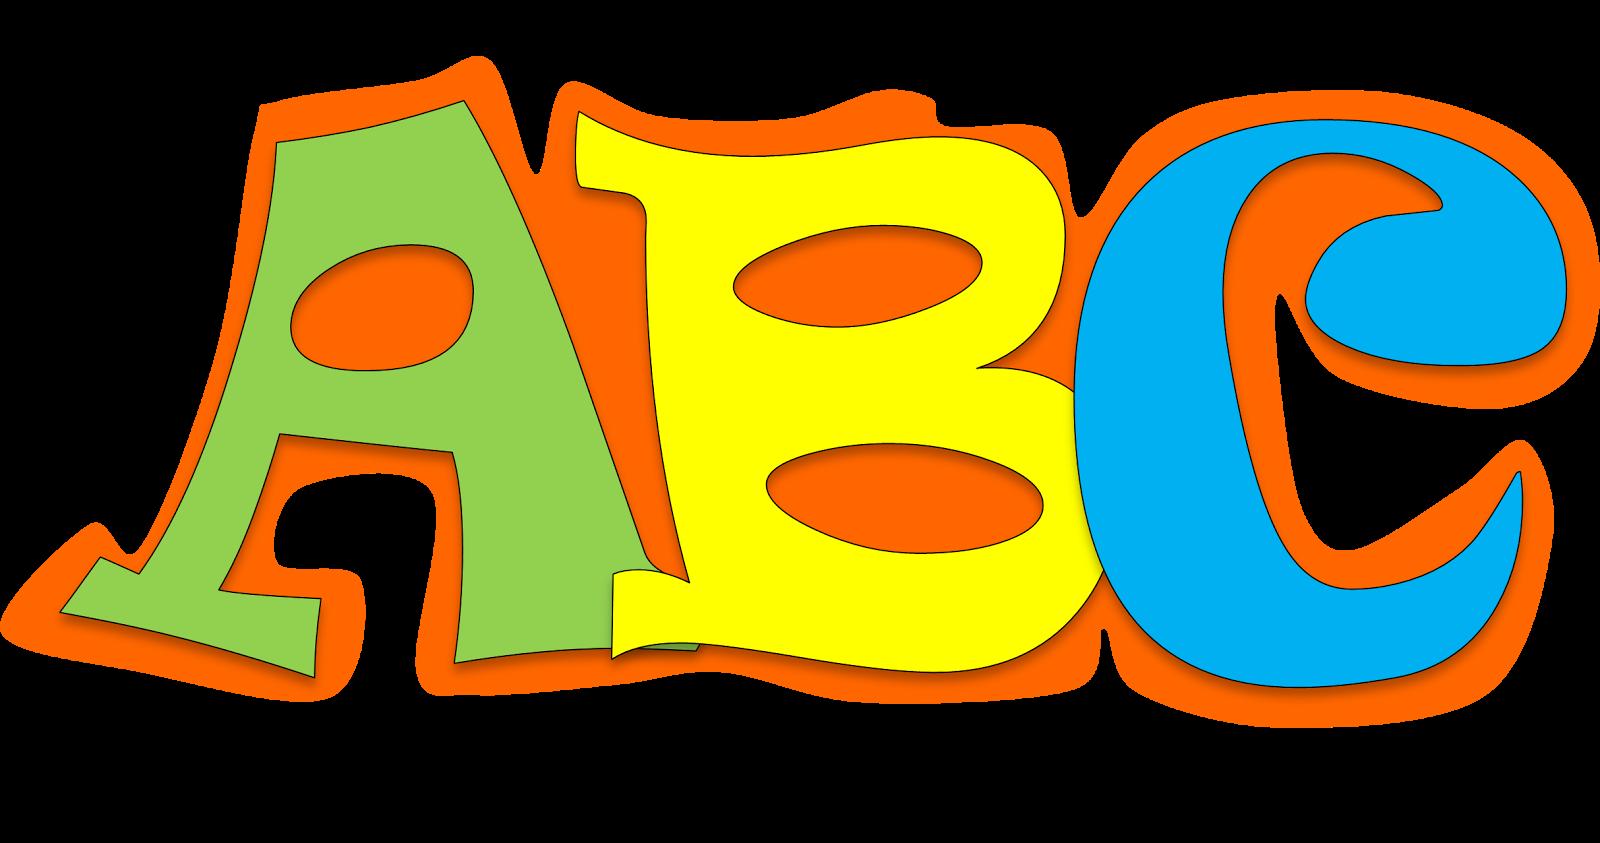 Letter clipart abc Letter png Alphabet clipart letter